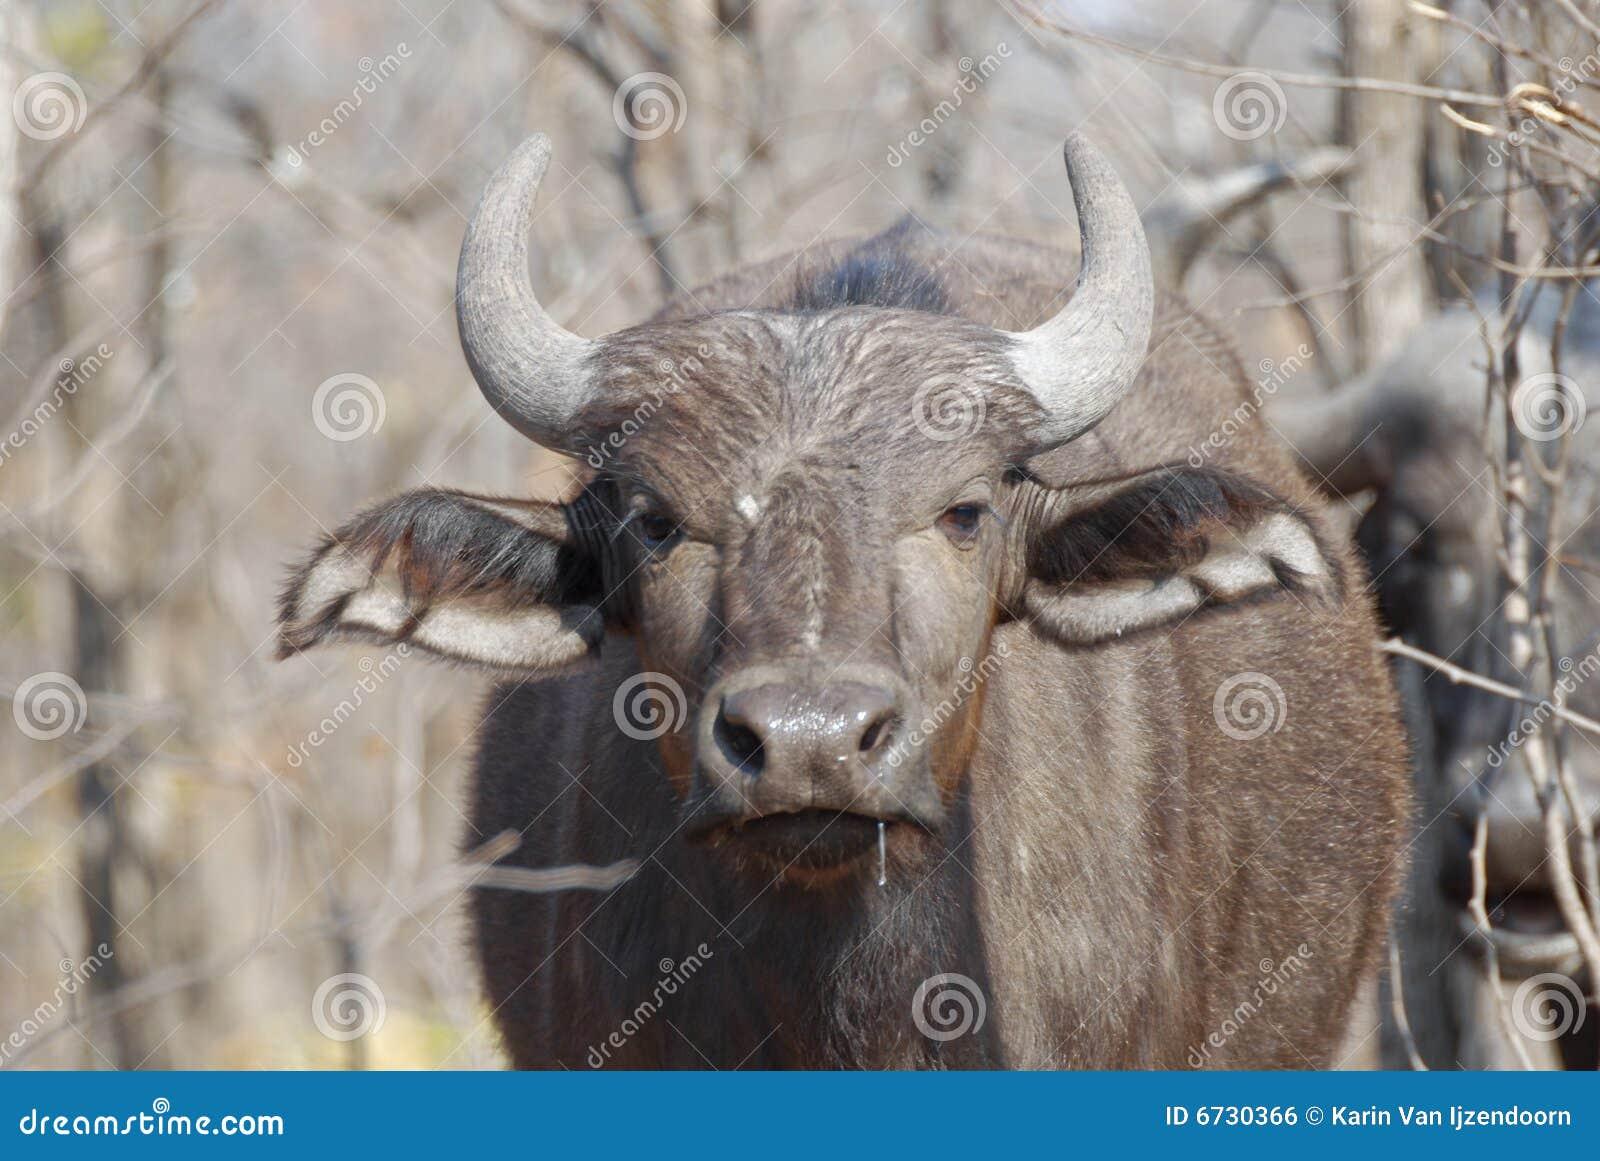 африканские детеныши буйвола